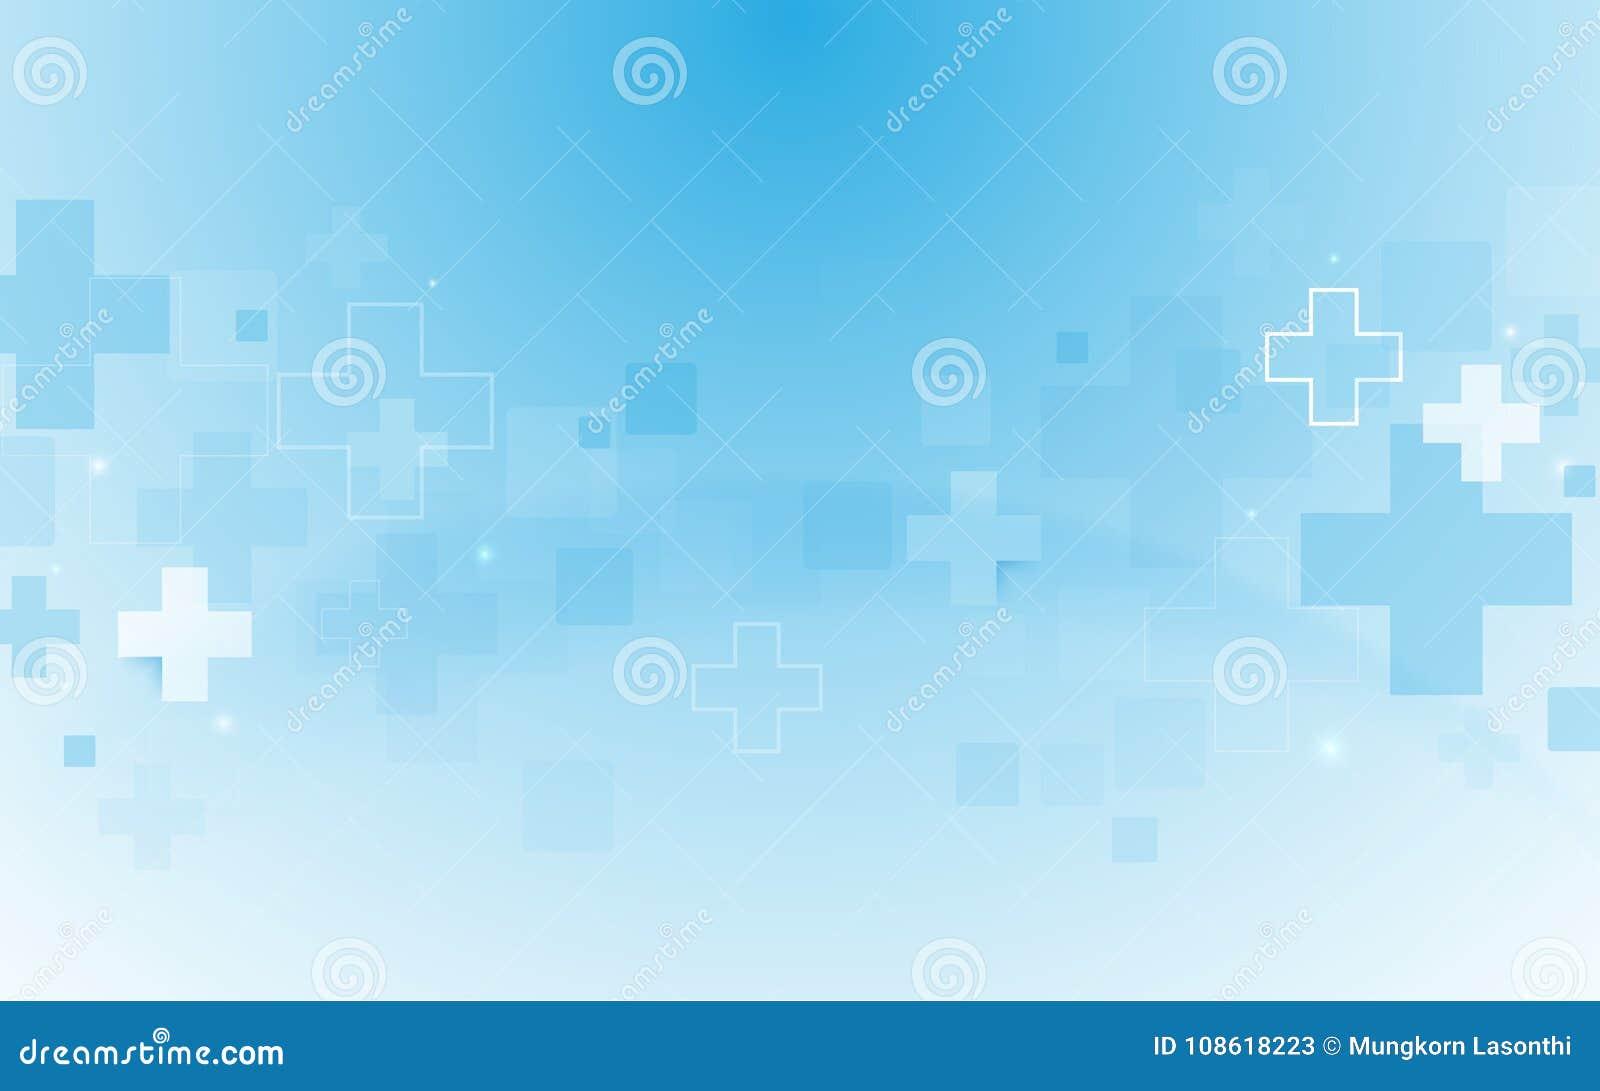 Αφηρημένο γεωμετρικό ιατρικό διαγώνιο υπόβαθρο έννοιας ιατρικής και επιστήμης μορφής